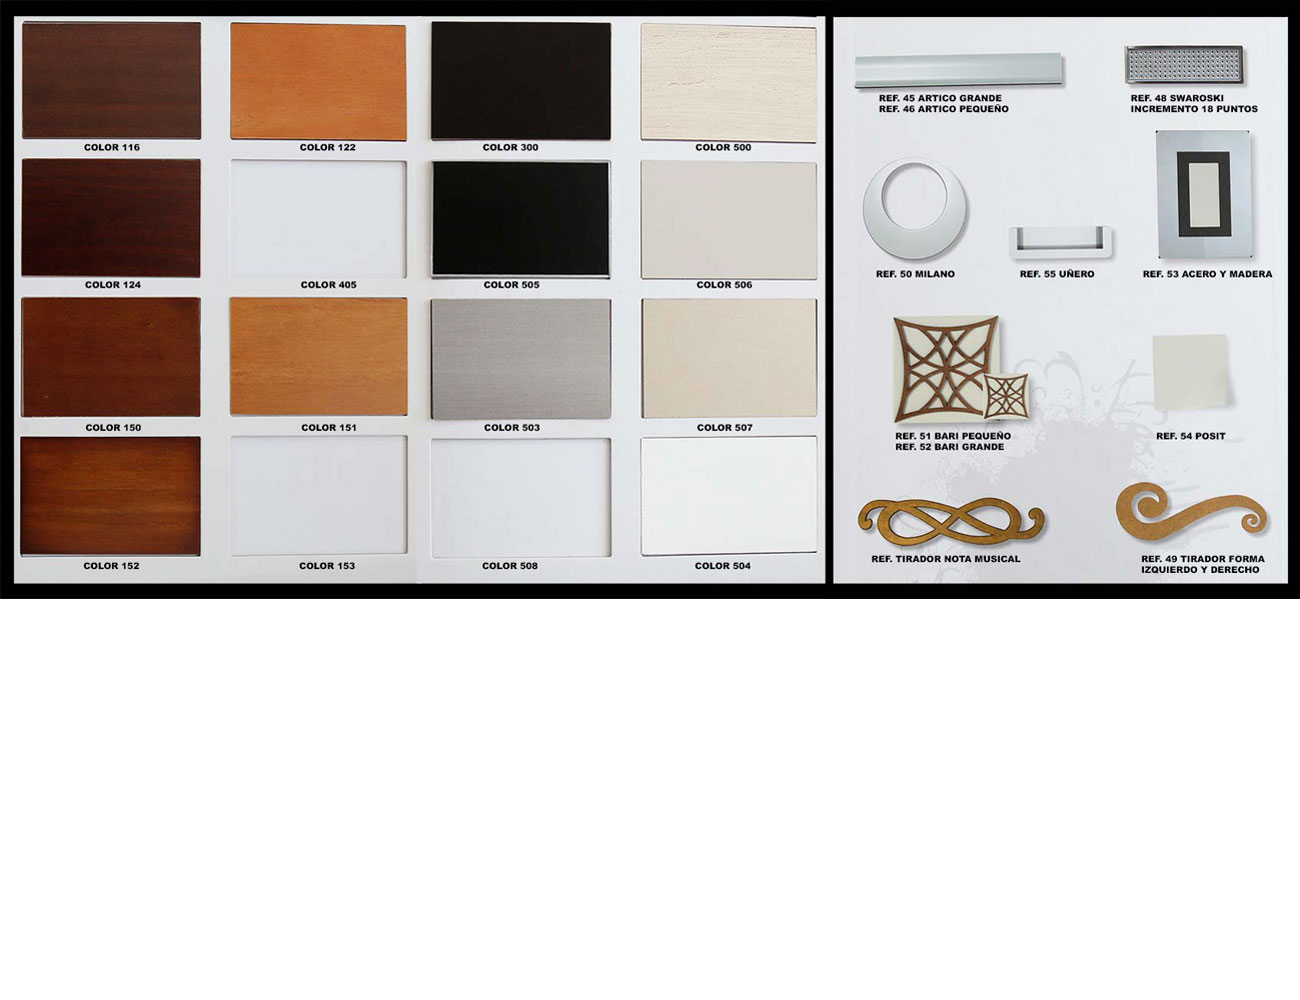 Colores tiradores5